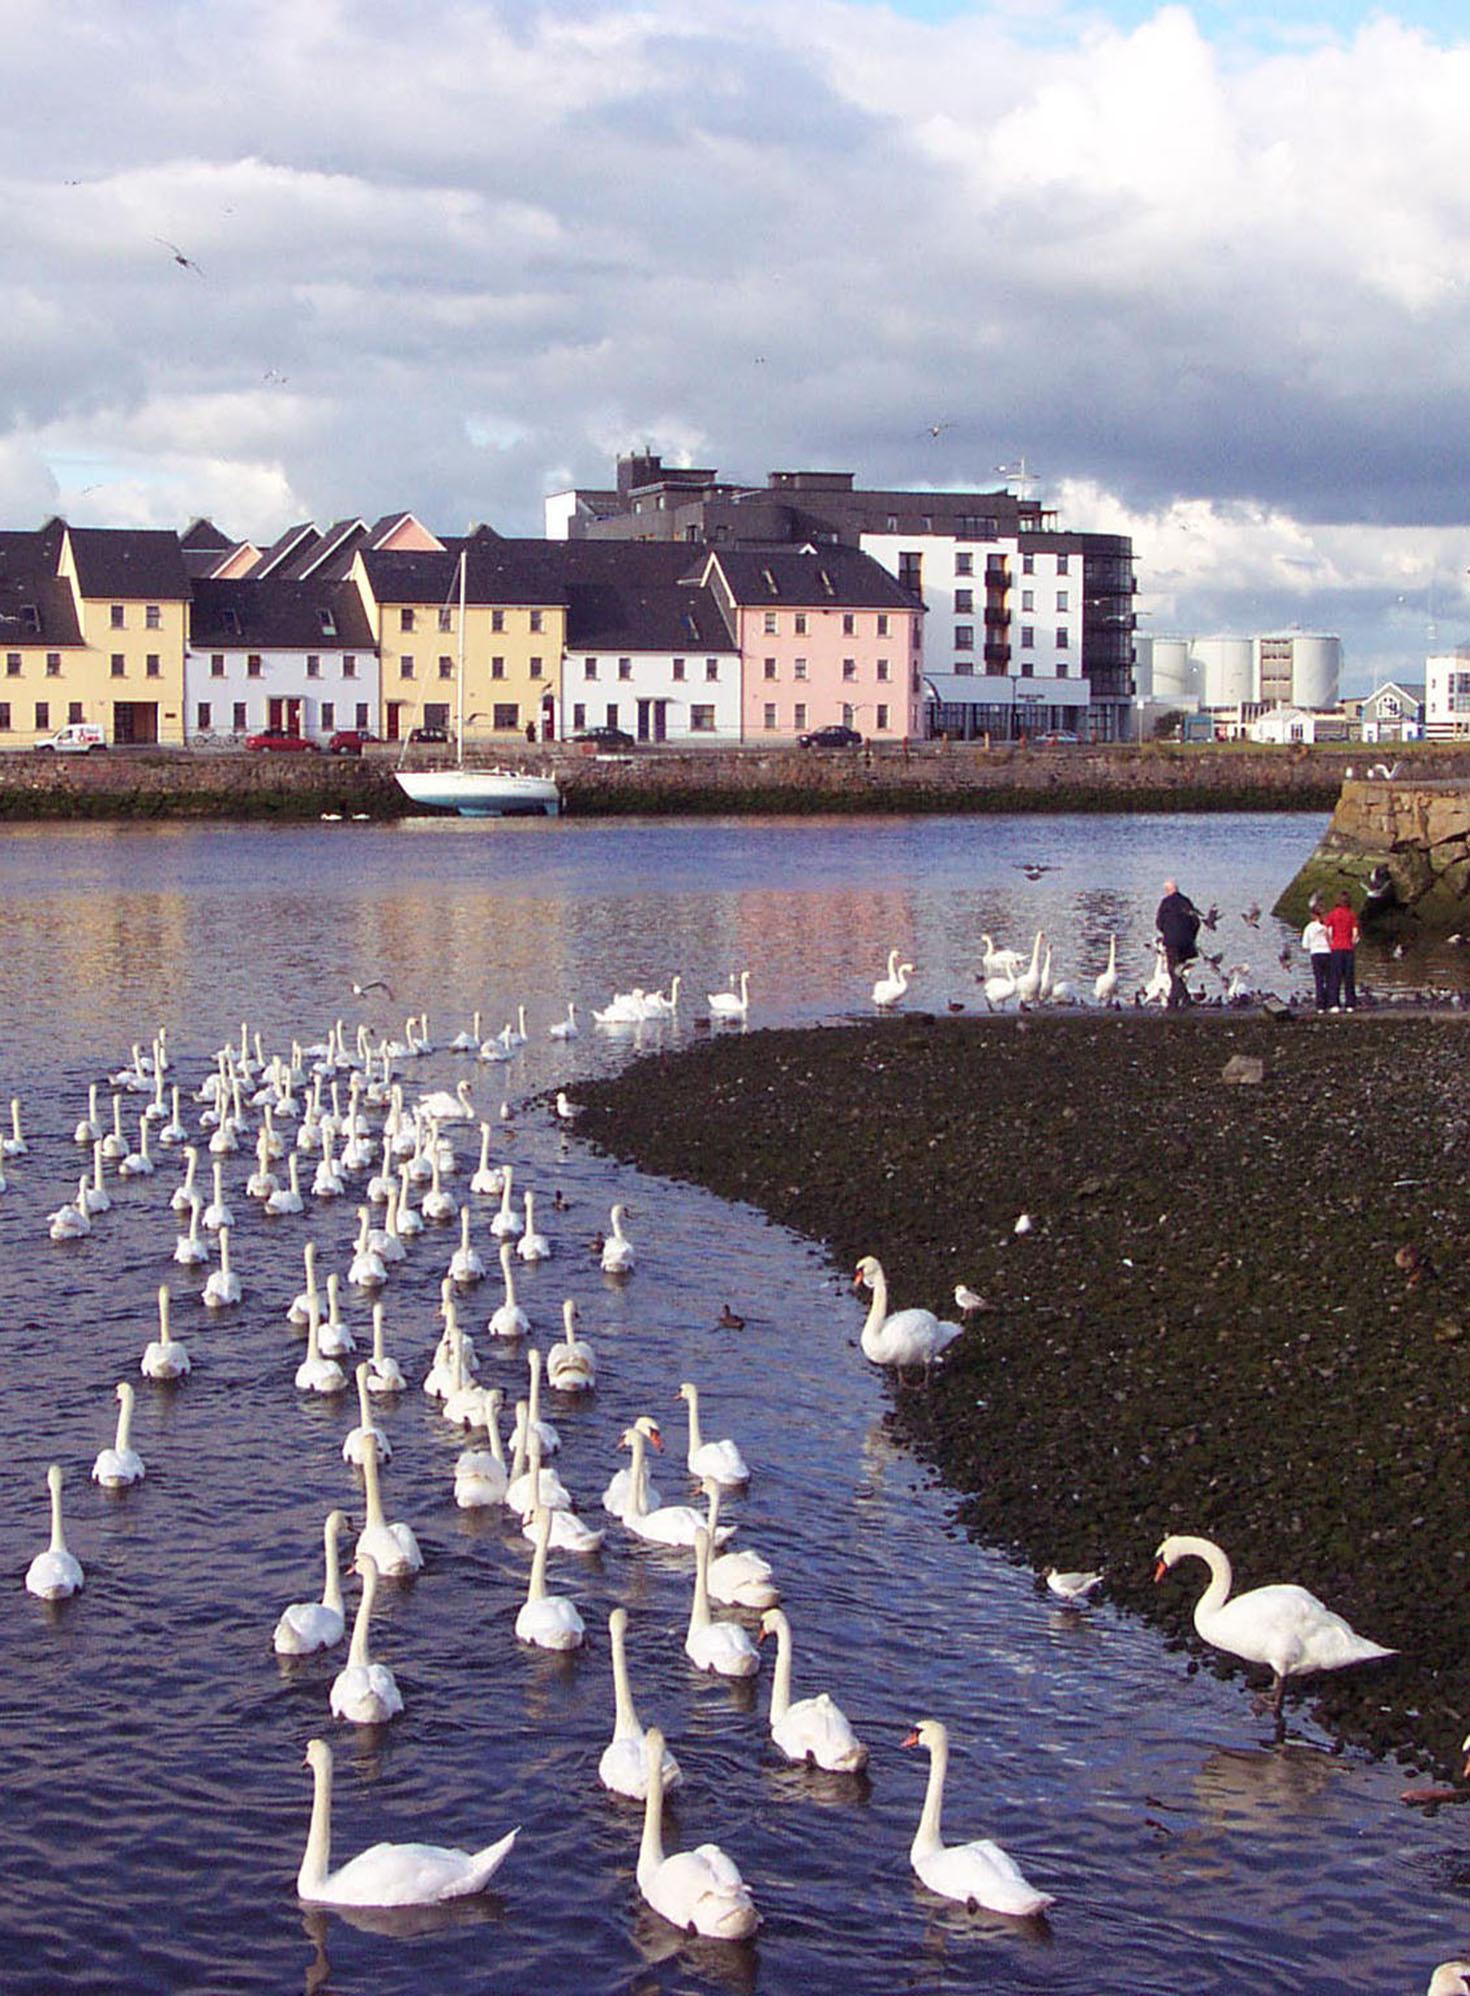 Donagh-CladdaghSwans